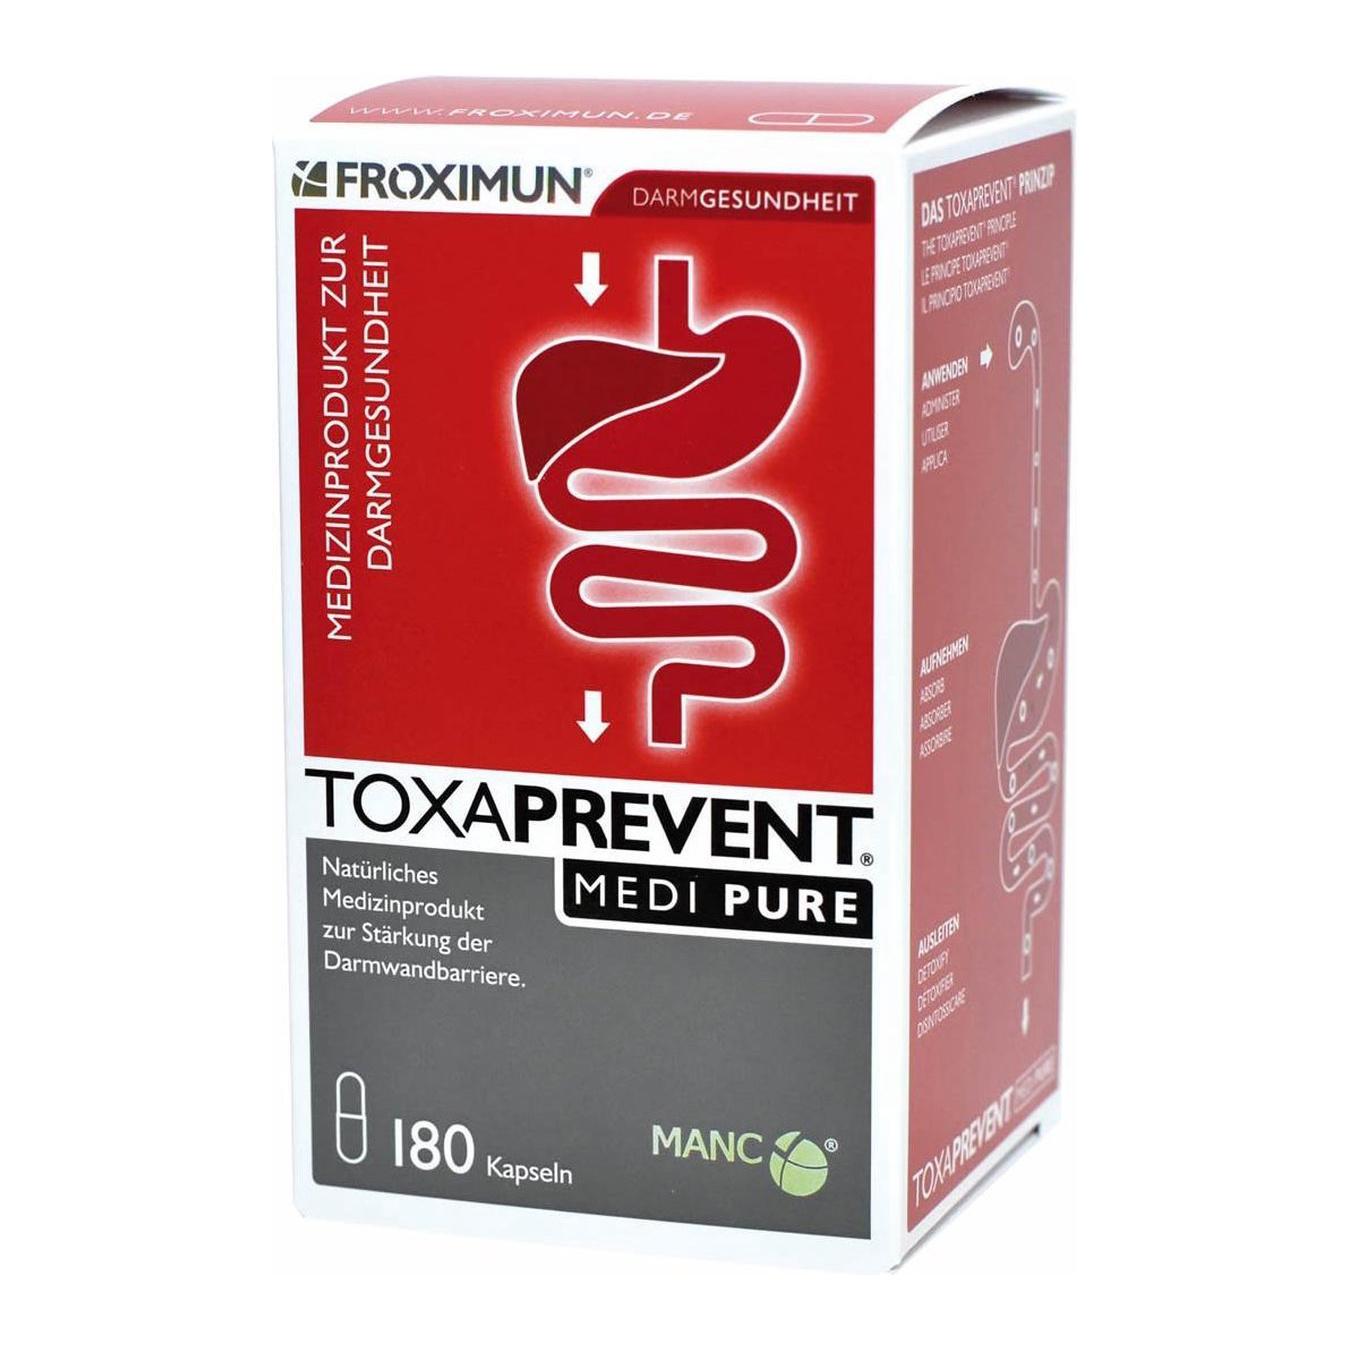 Toxaprevent Medi Pure (180 capsules)